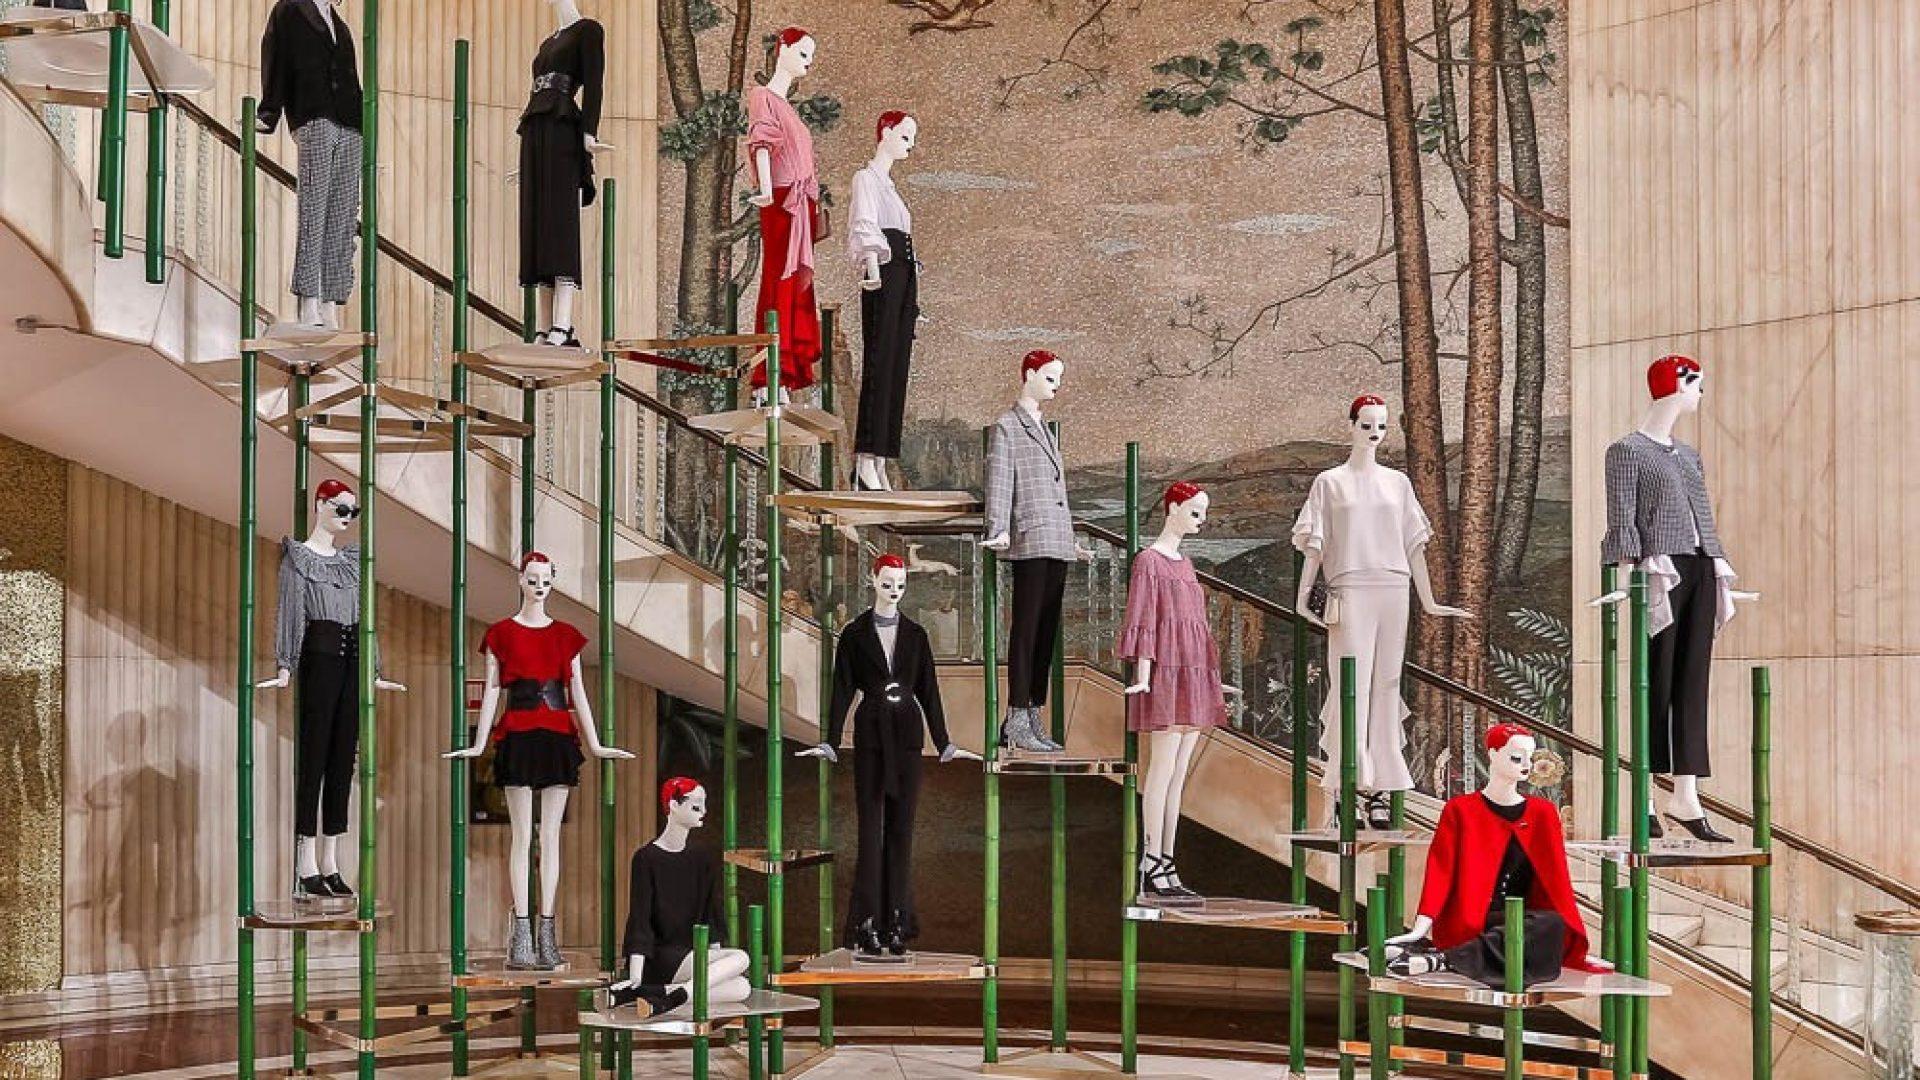 Zara - Realizzazione del setting per la zona centrale dello store   - by Artes Group International